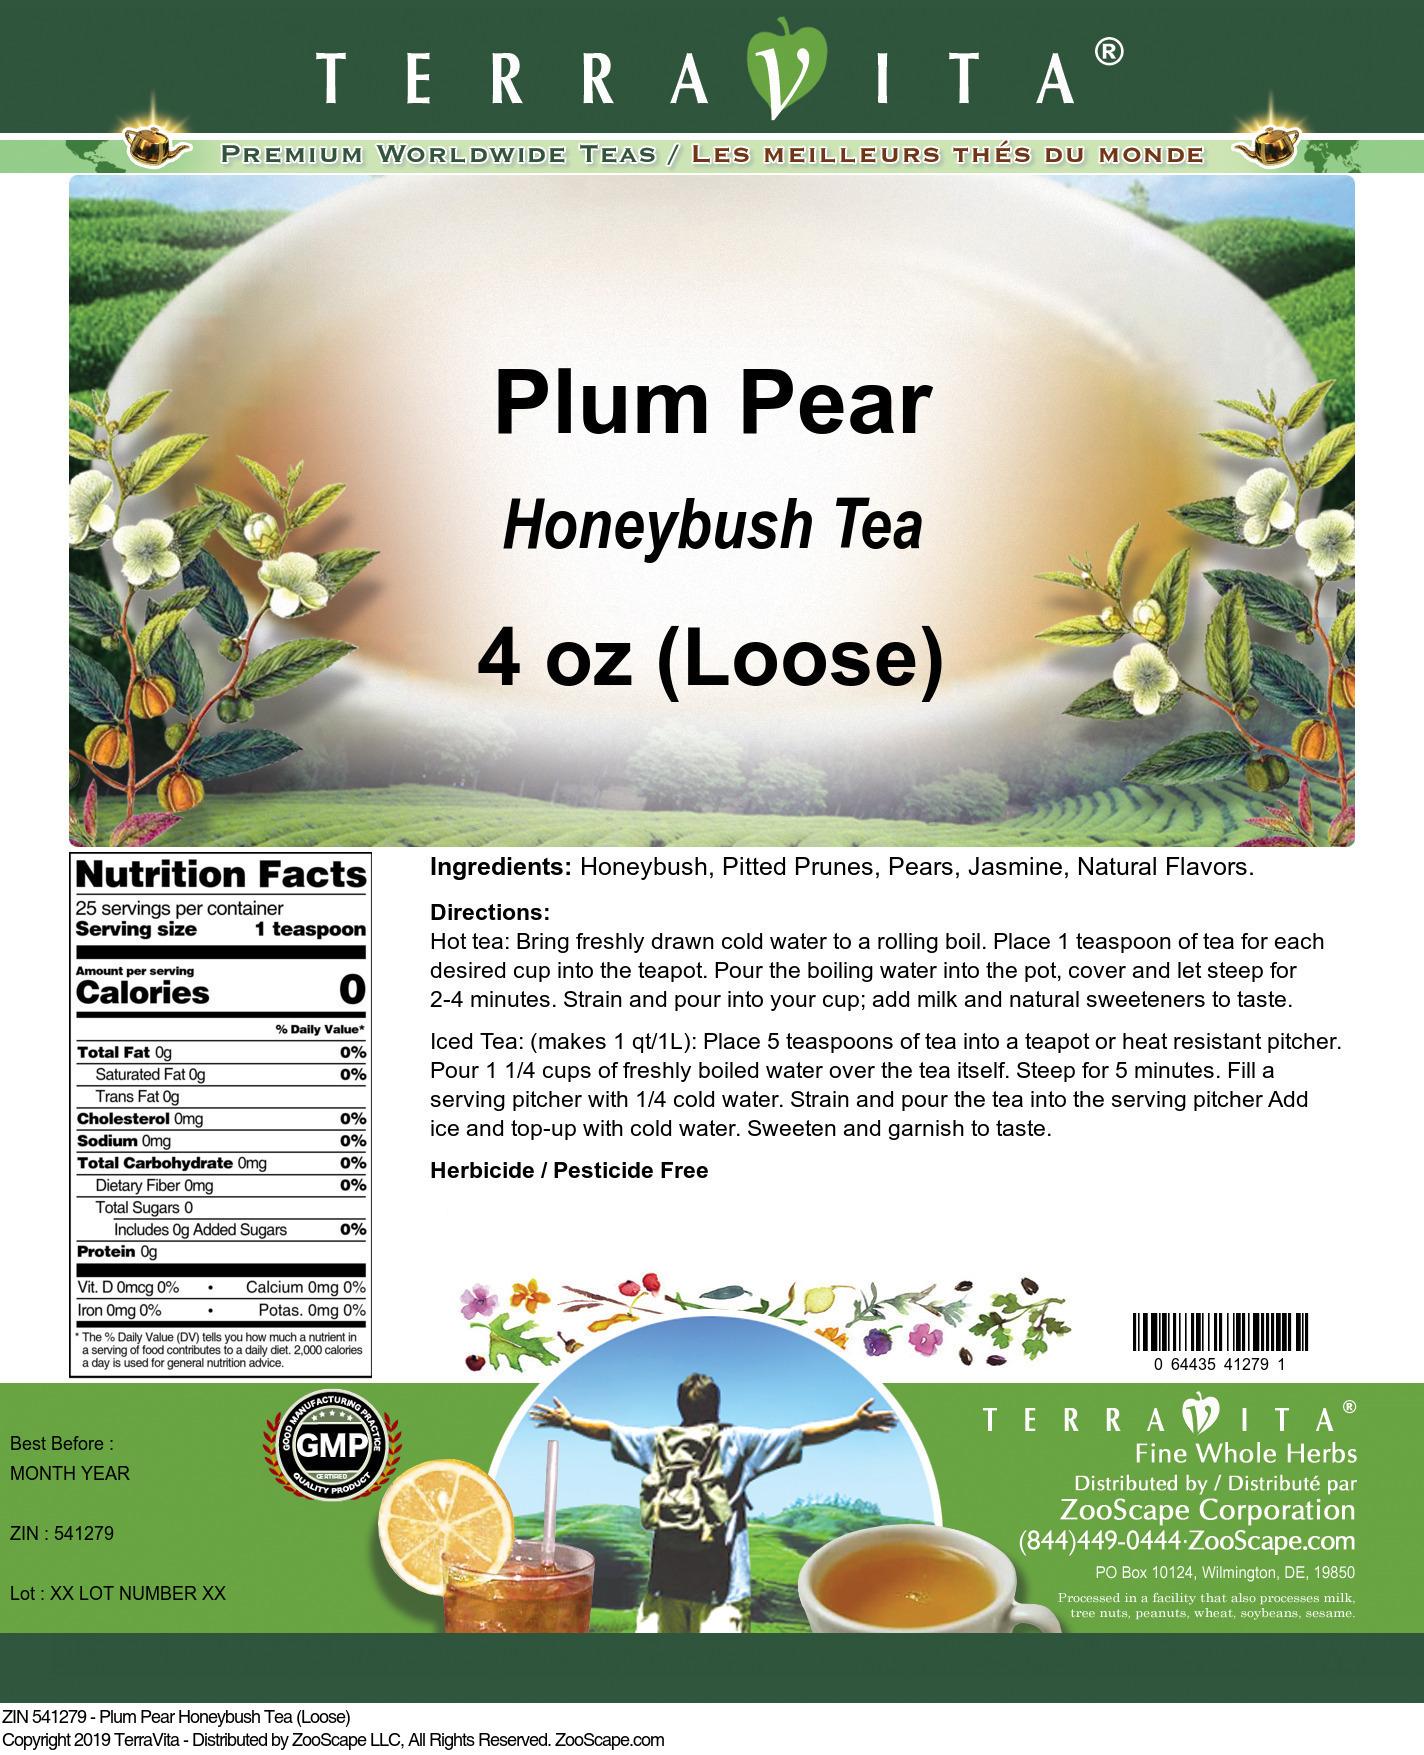 Plum Pear Honeybush Tea (Loose)